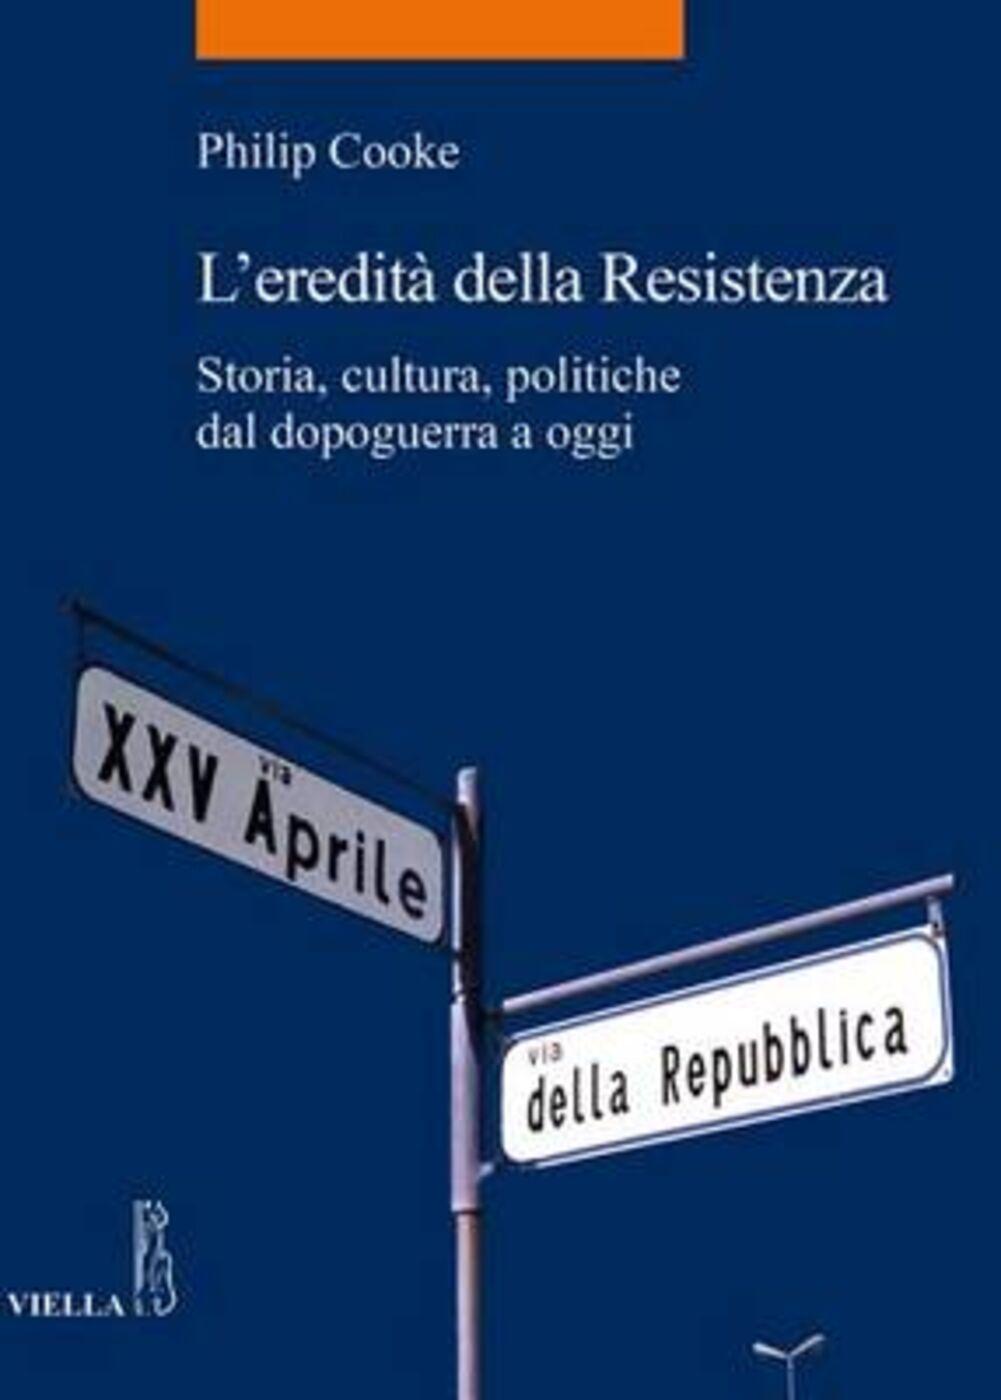 L' eredità della Resistenza. Storia, cultura, politiche dal dopoguerra a oggi